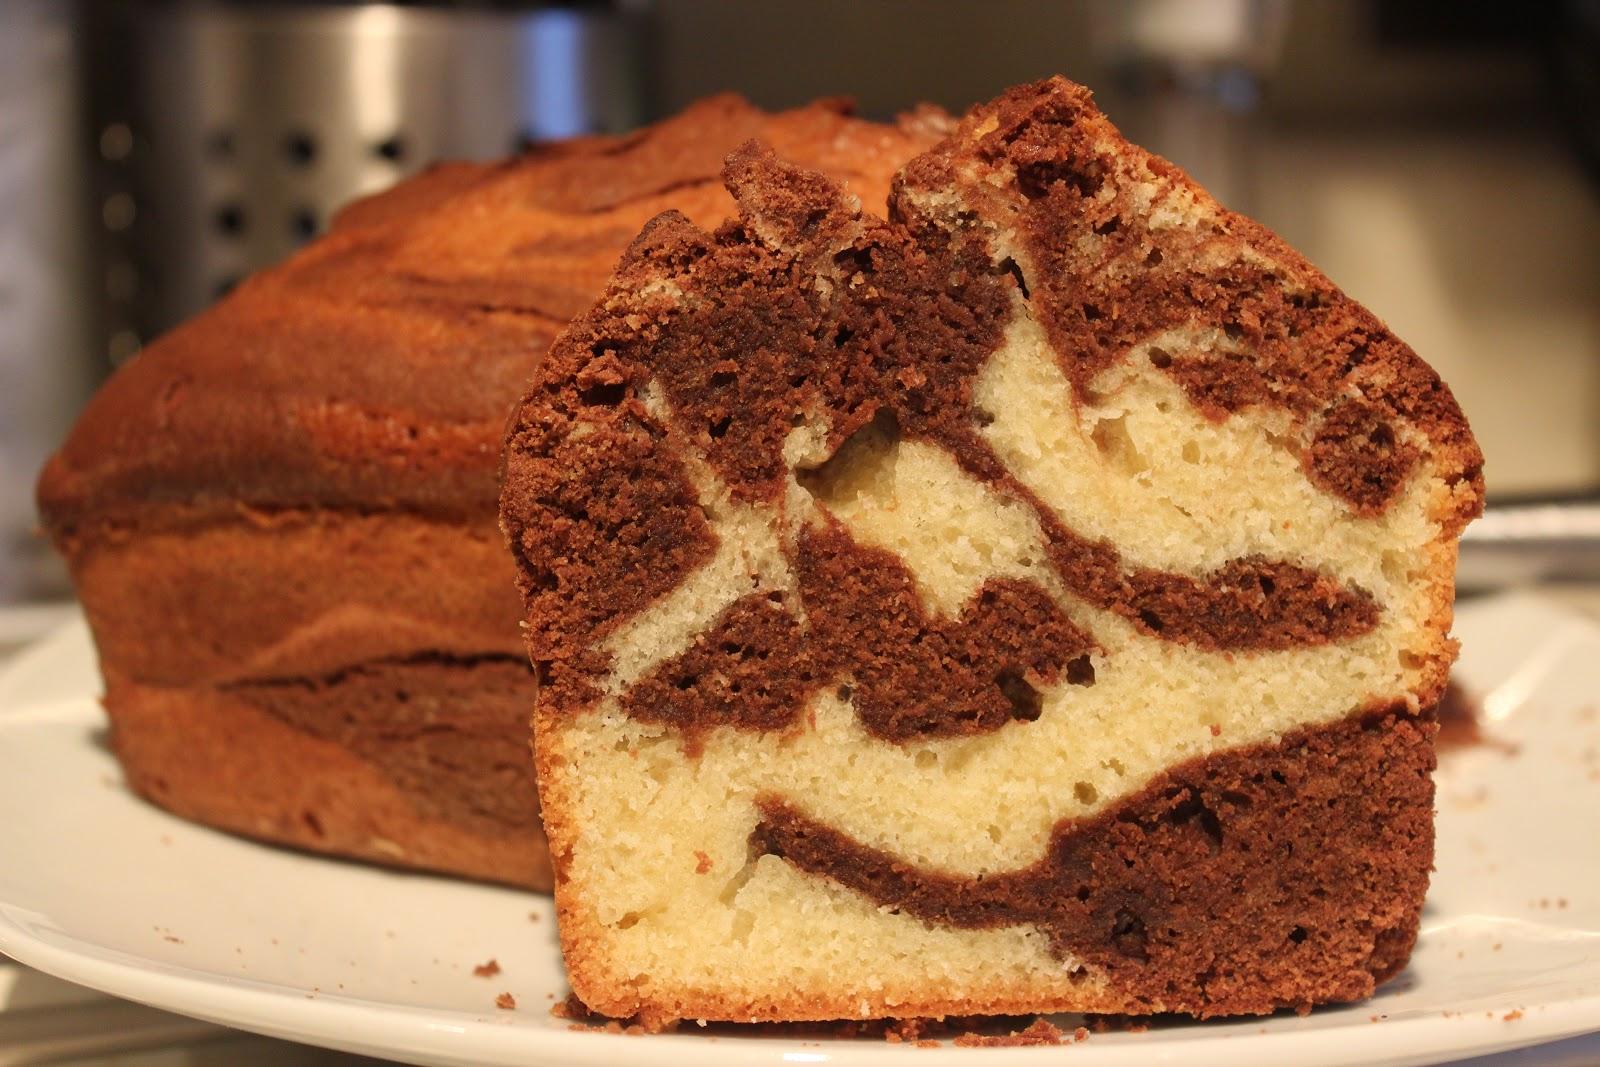 How Ti Improve Cake Mix